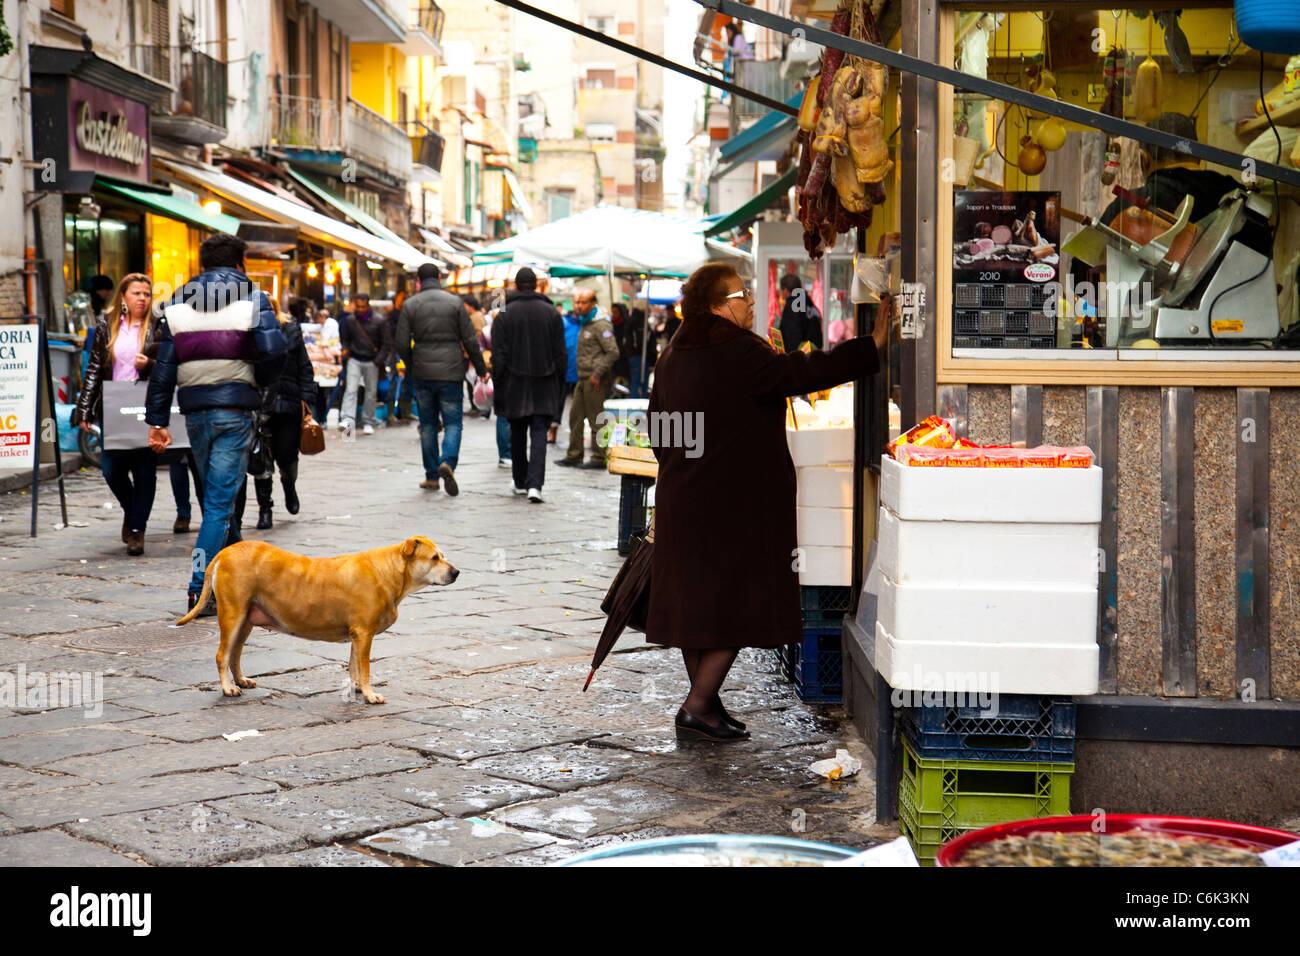 The street market of Mercato di Porta Nolana in Naples Italy. - Stock Image